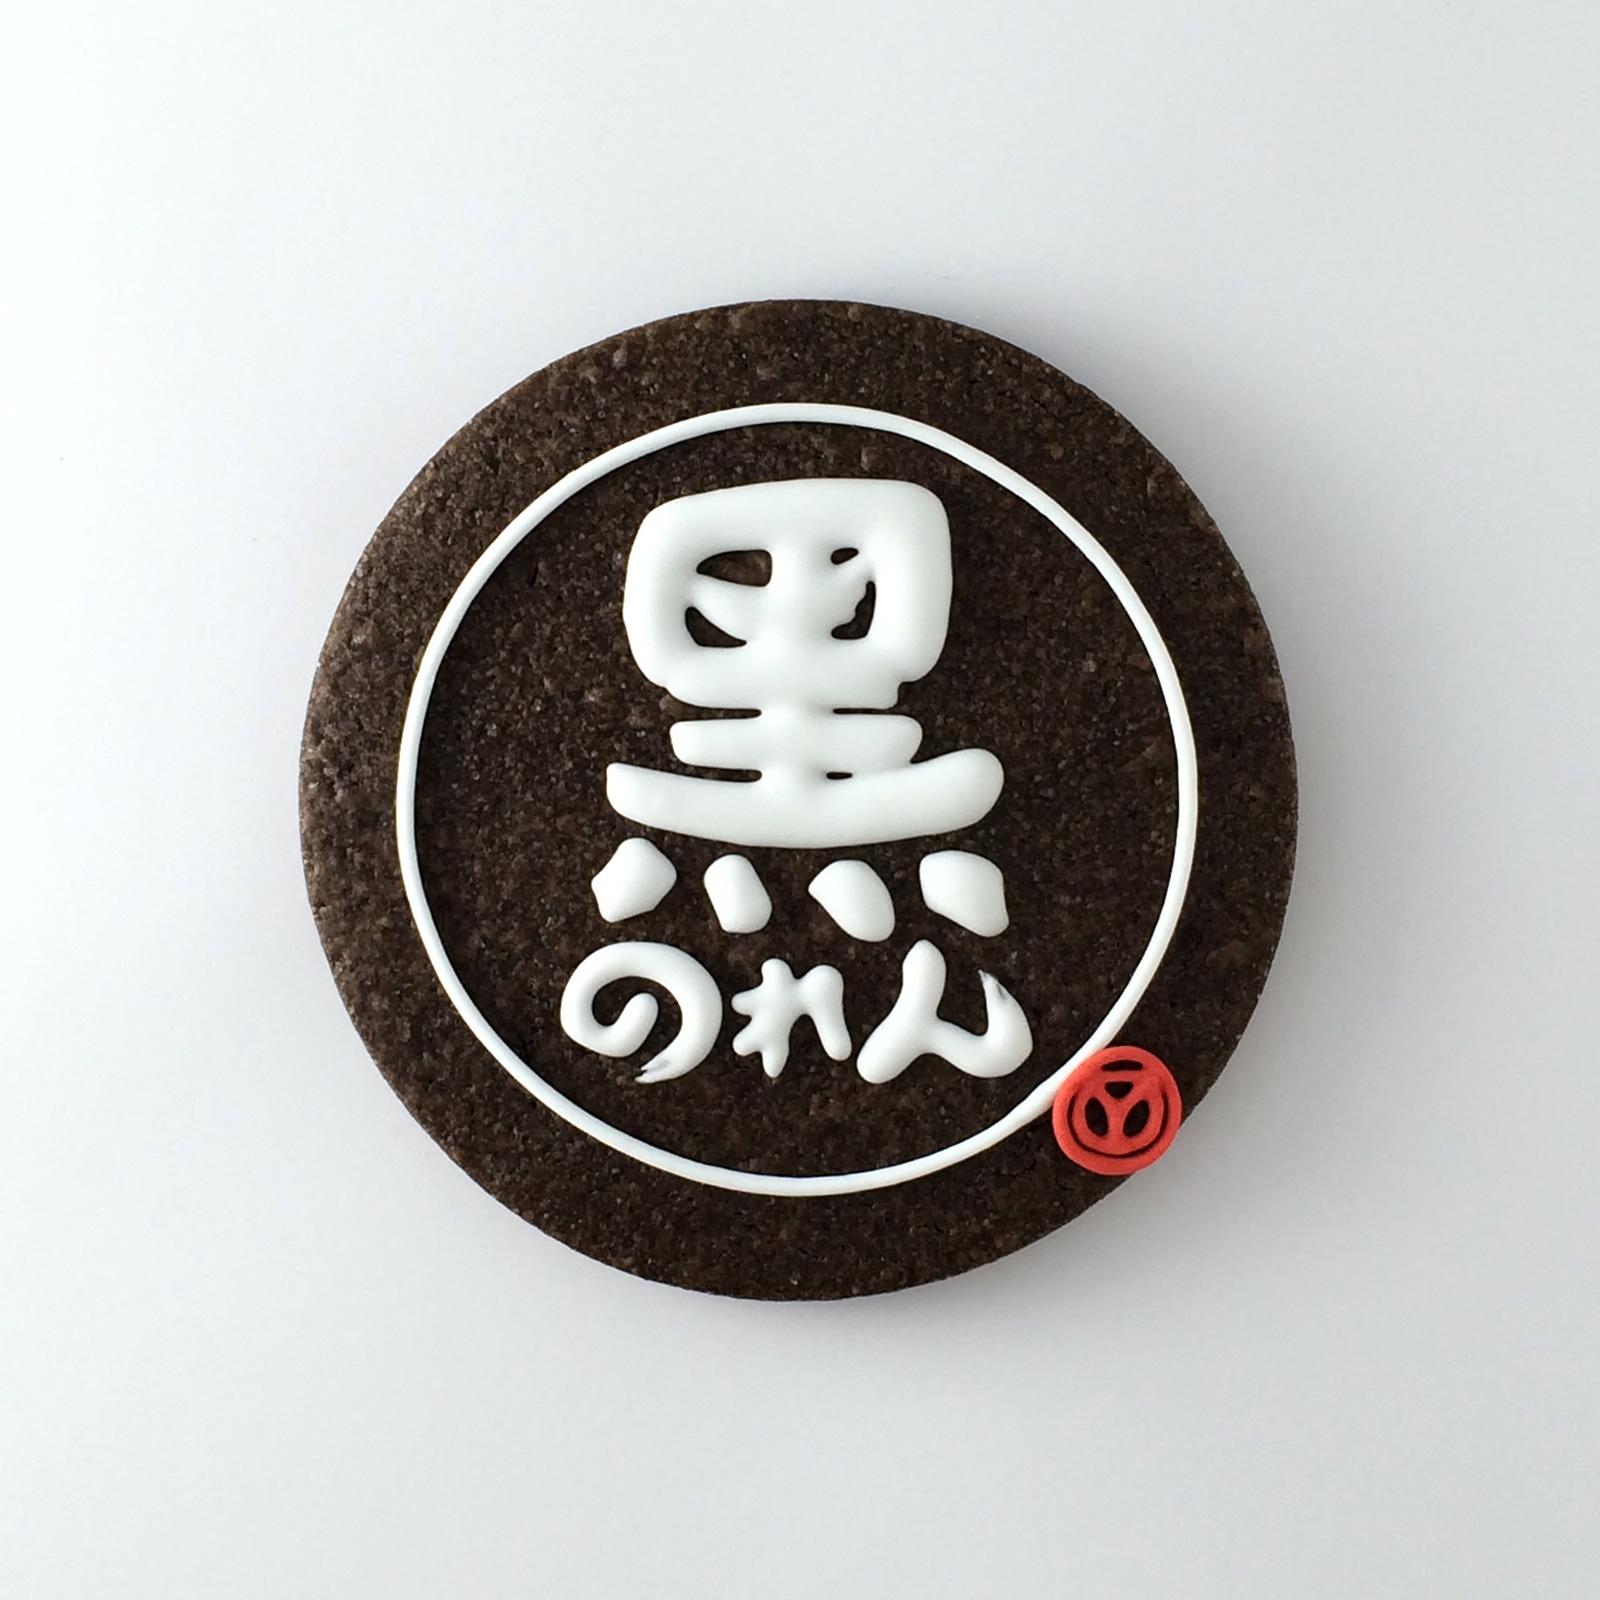 黒のれん製菓ロゴ